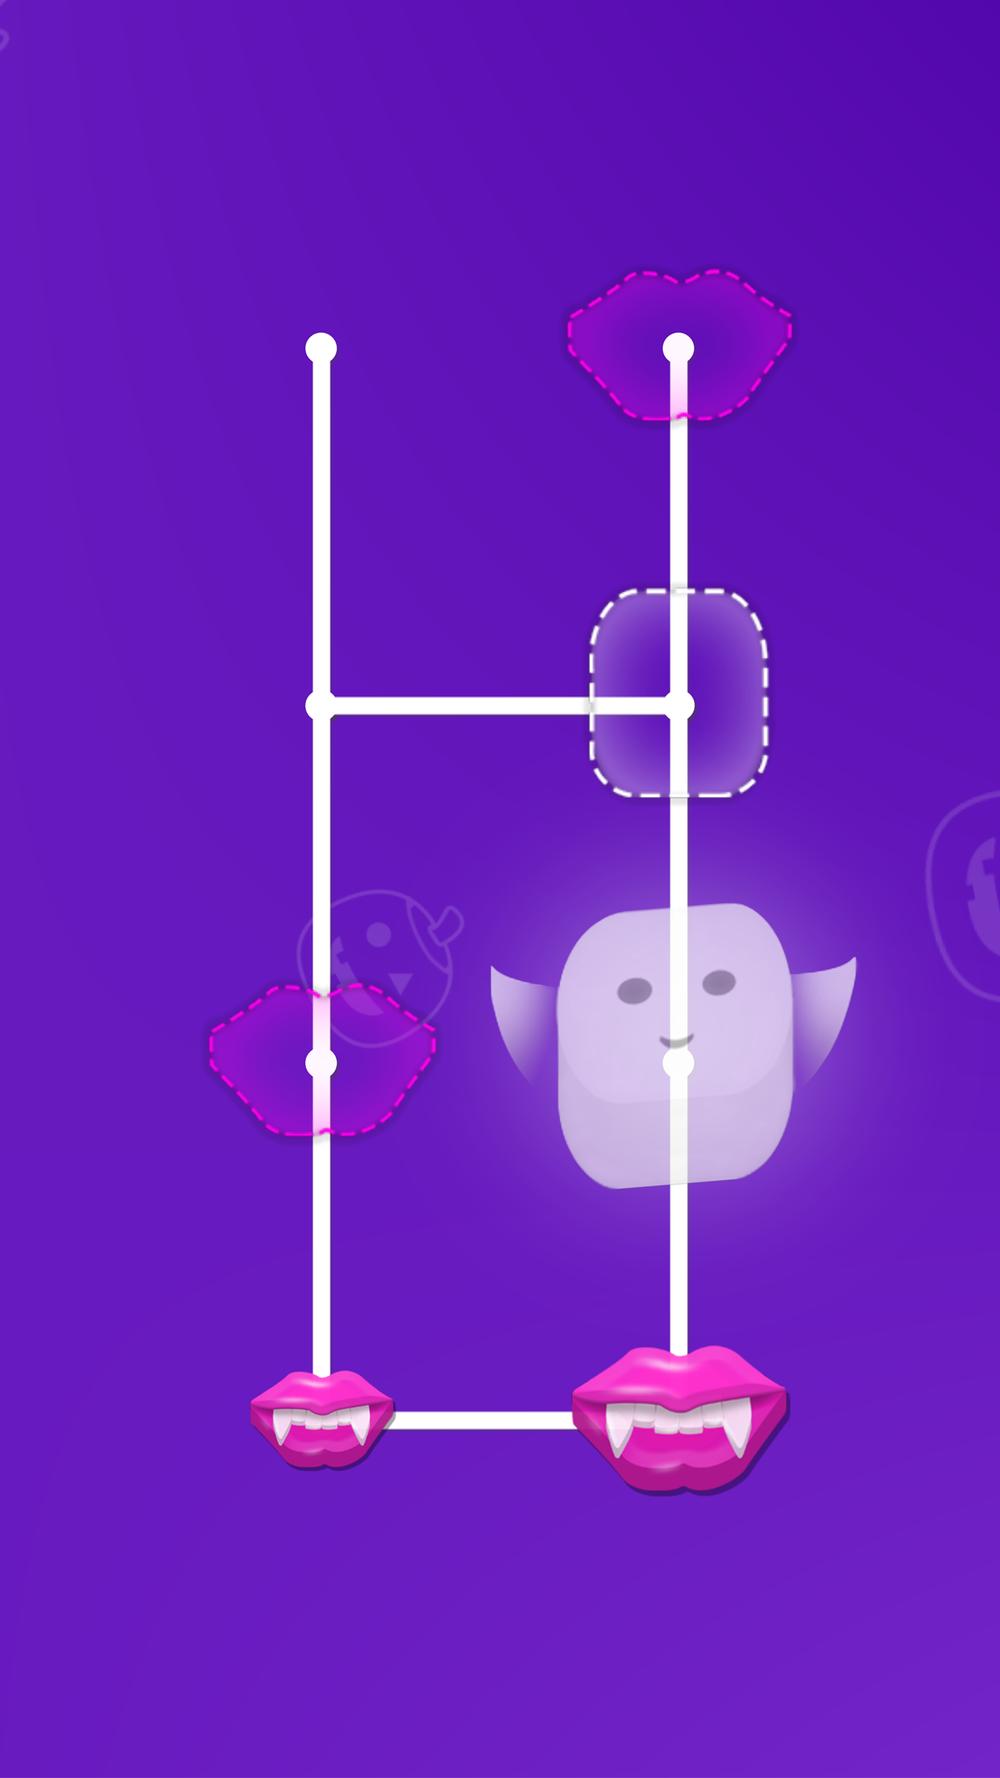 PuzzlepopsToTScreenshot5.png